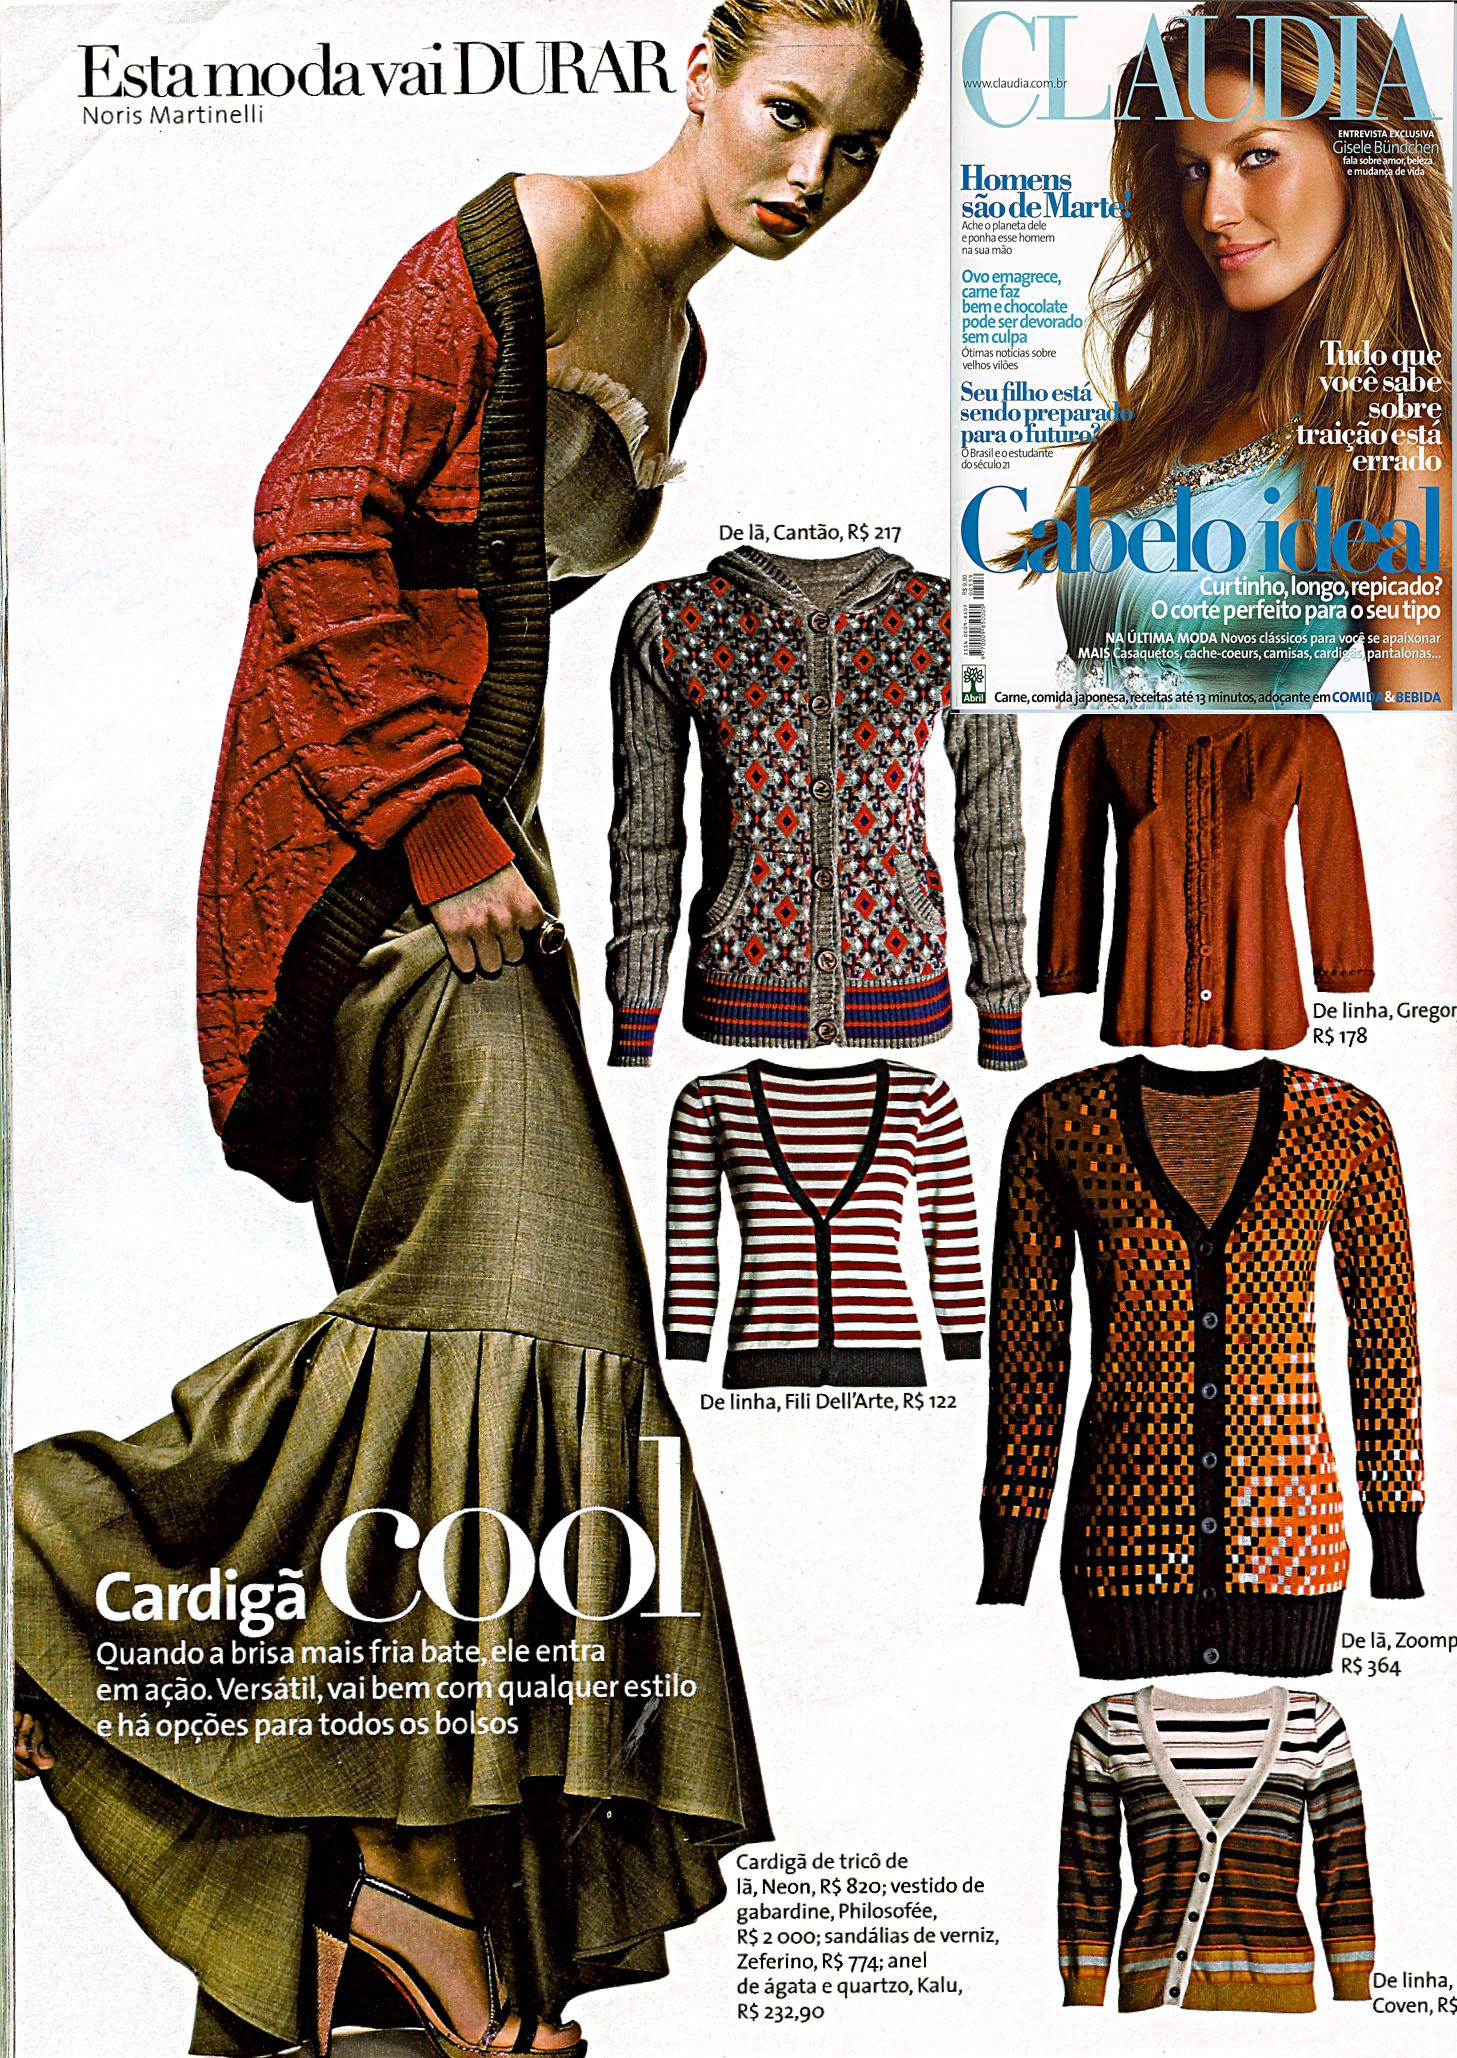 Revista-Claudia- Abril2008-Valeria Massi-Denise Freire.jpg